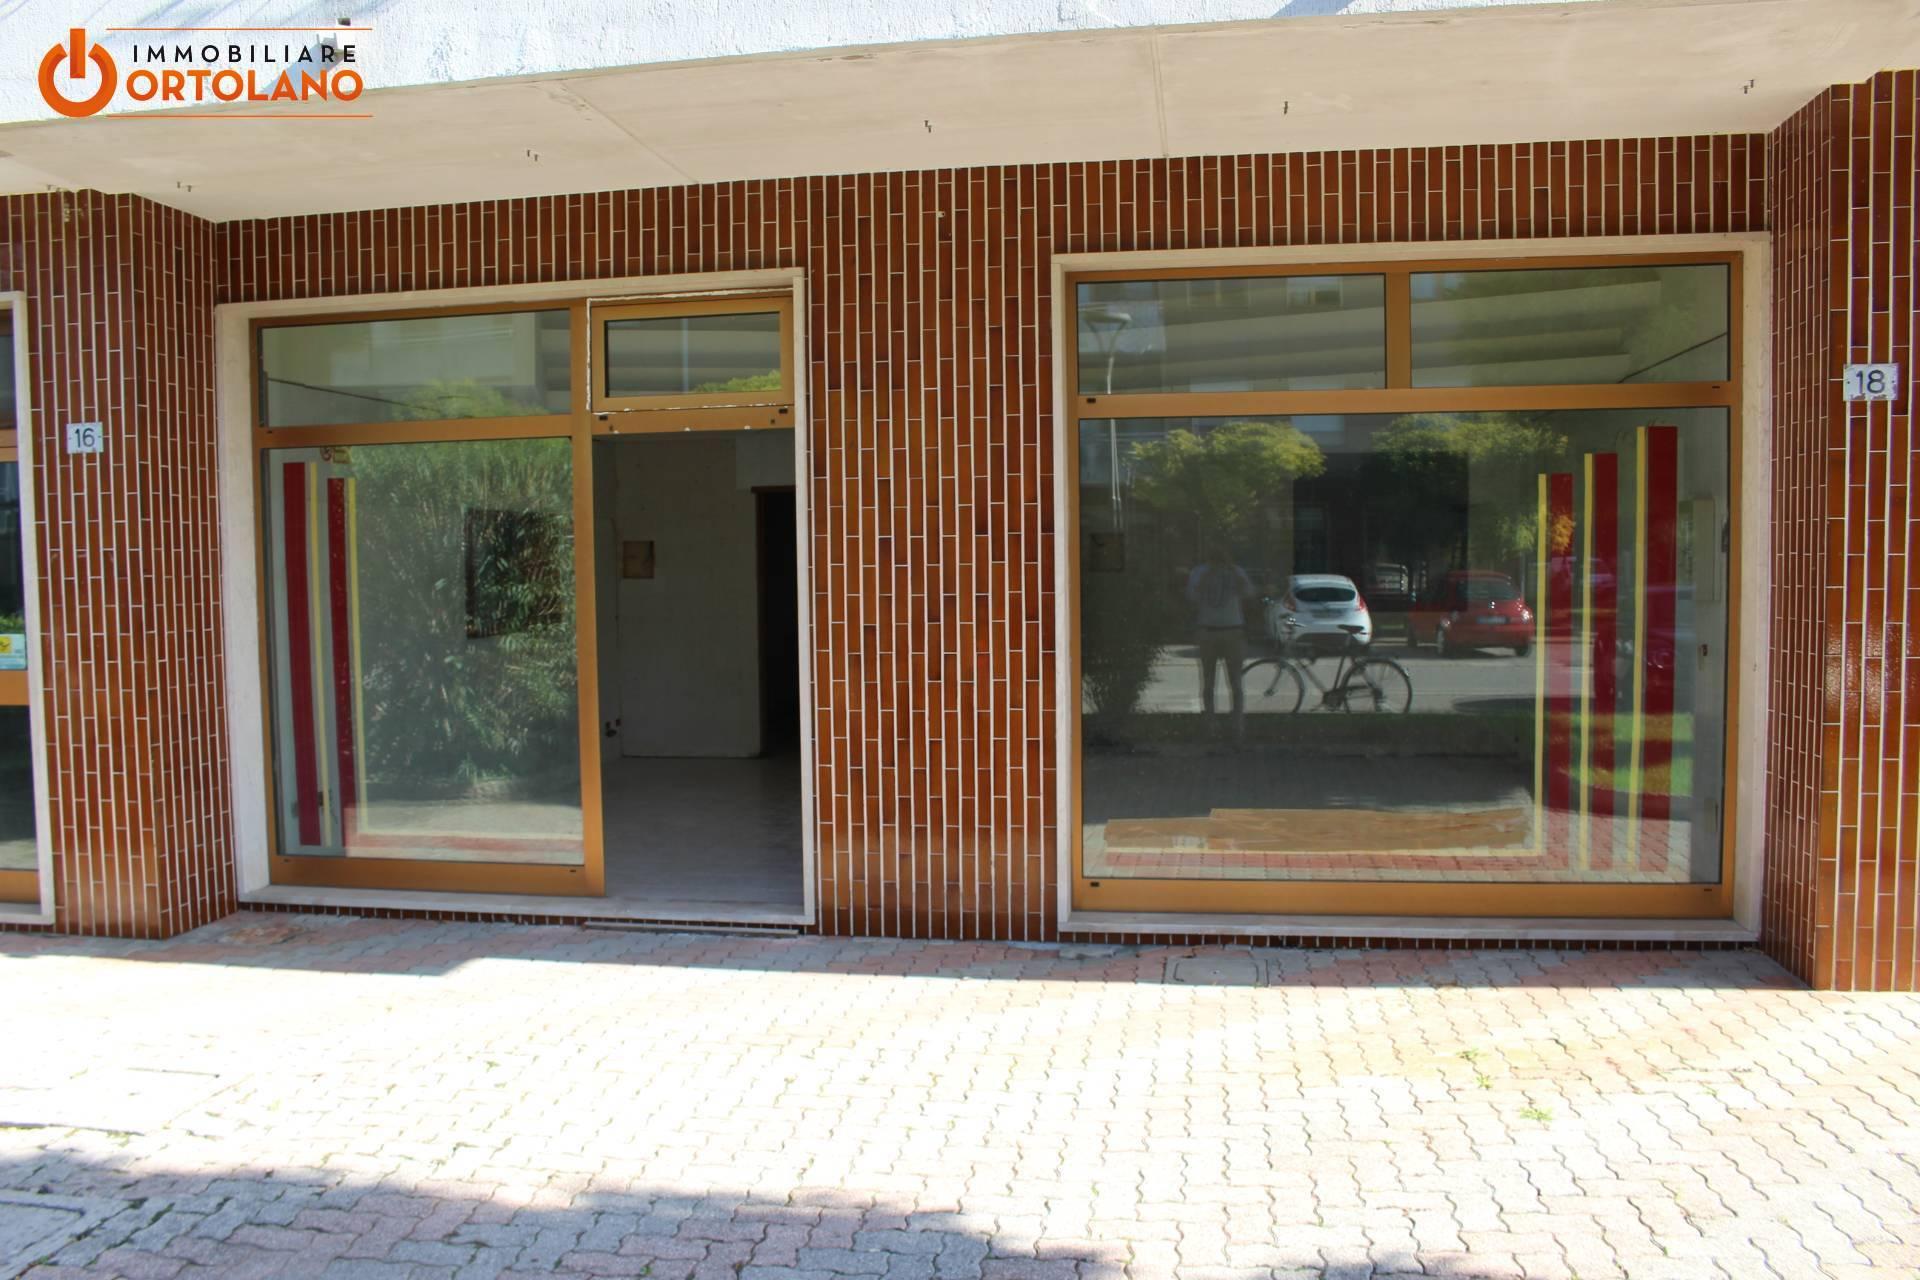 Negozio / Locale in affitto a San Canzian d'Isonzo, 9999 locali, prezzo € 300 | CambioCasa.it